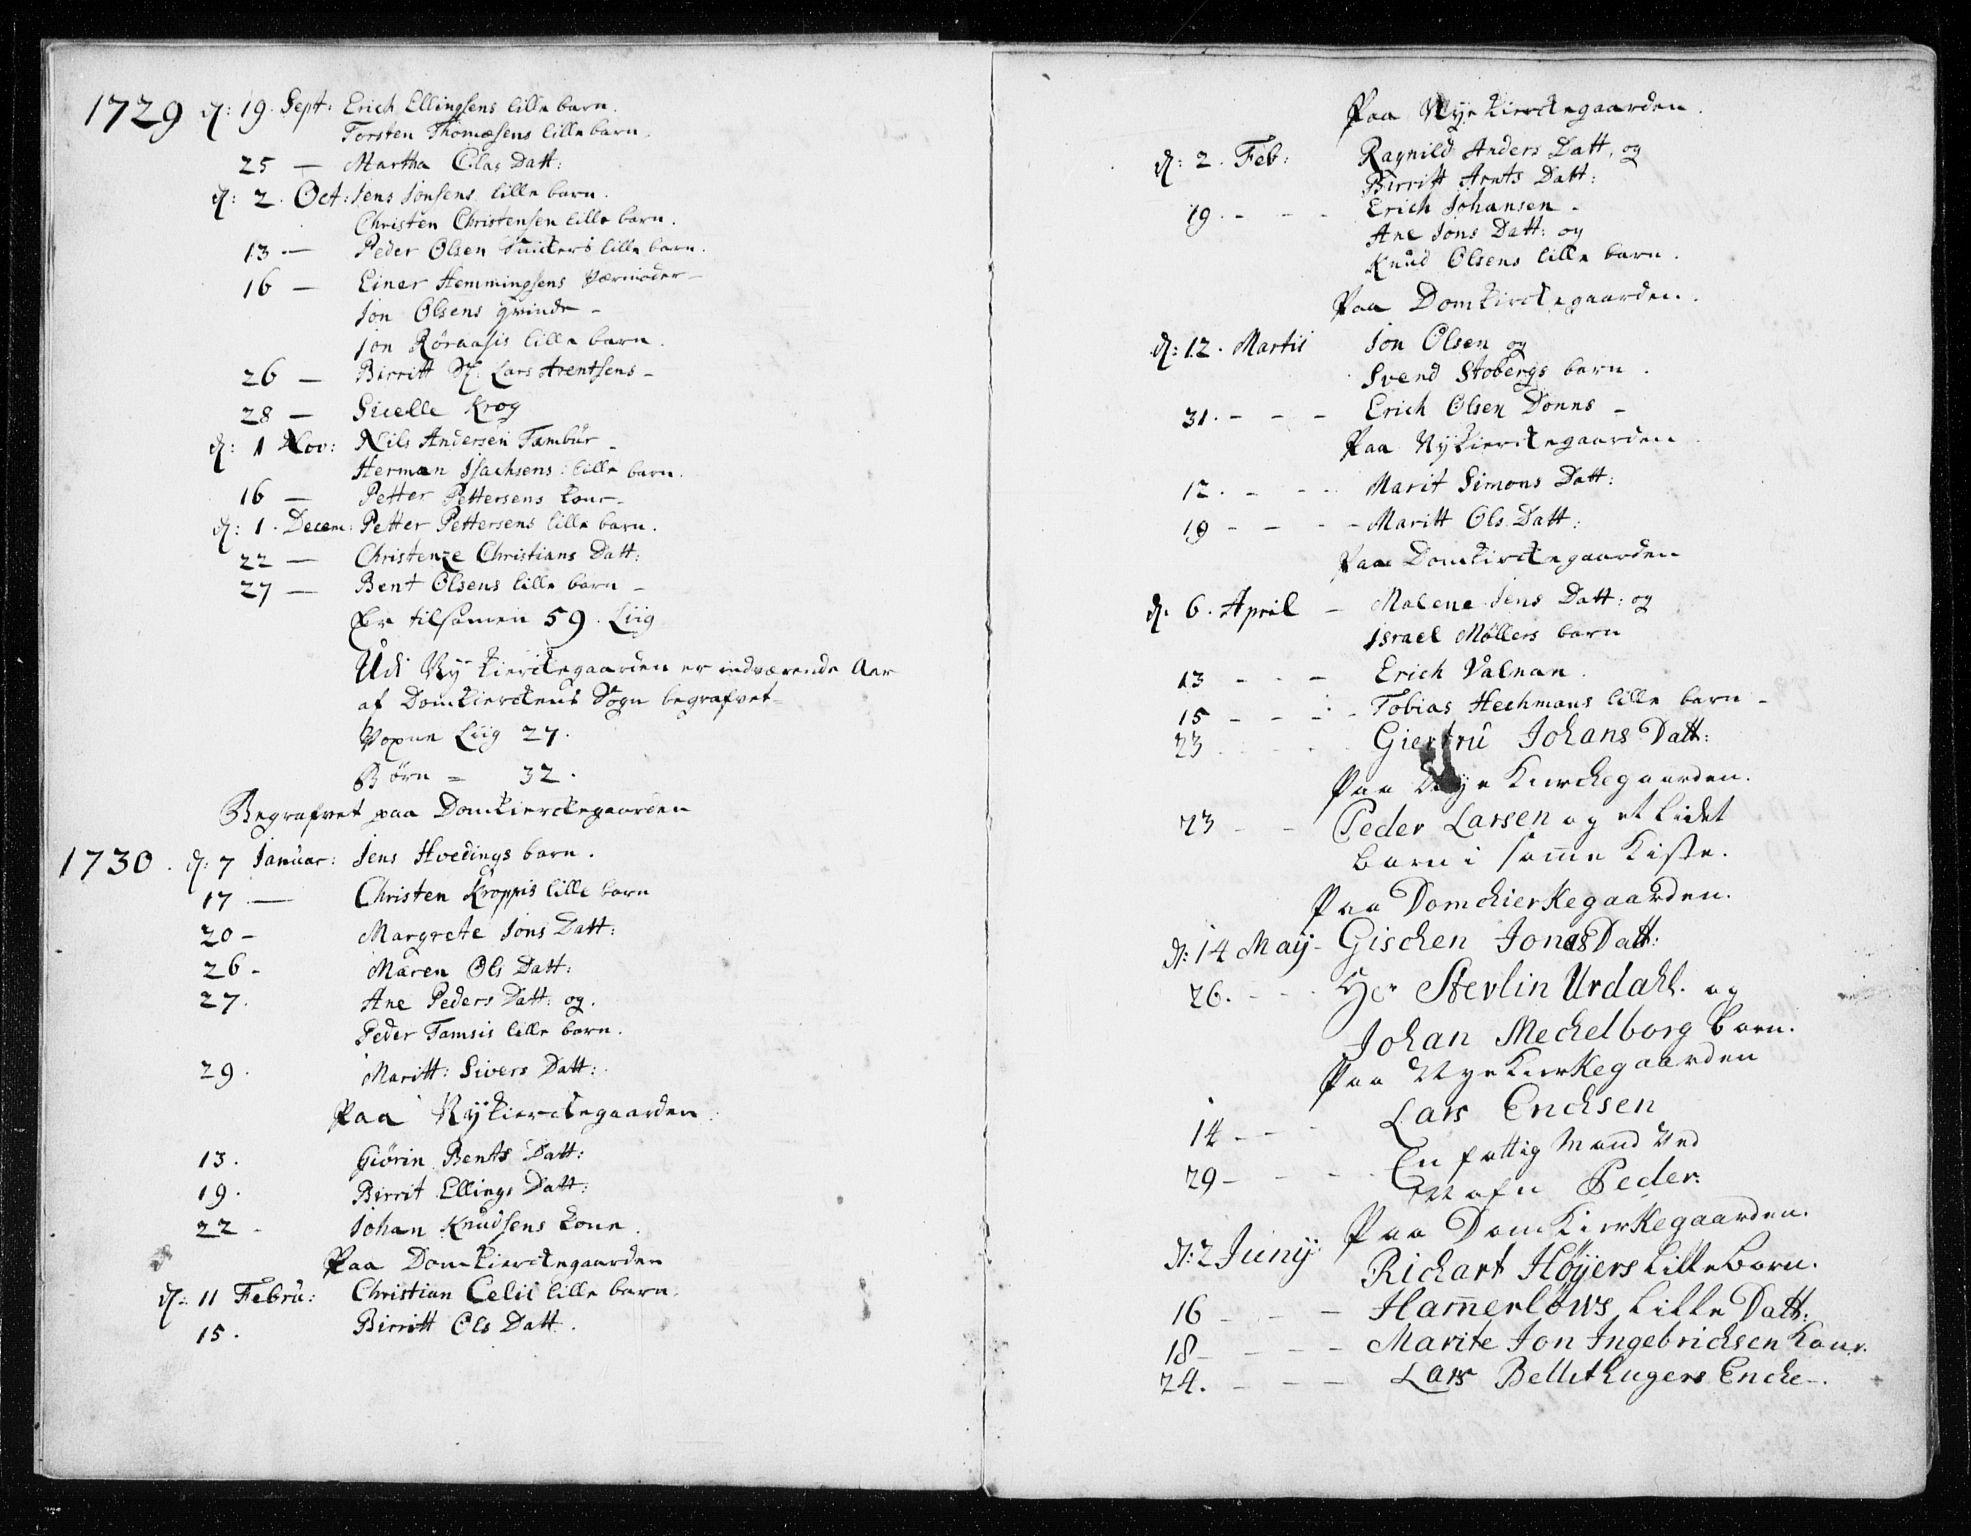 SAT, Ministerialprotokoller, klokkerbøker og fødselsregistre - Sør-Trøndelag, 601/L0037: Ministerialbok nr. 601A05, 1729-1761, s. 2